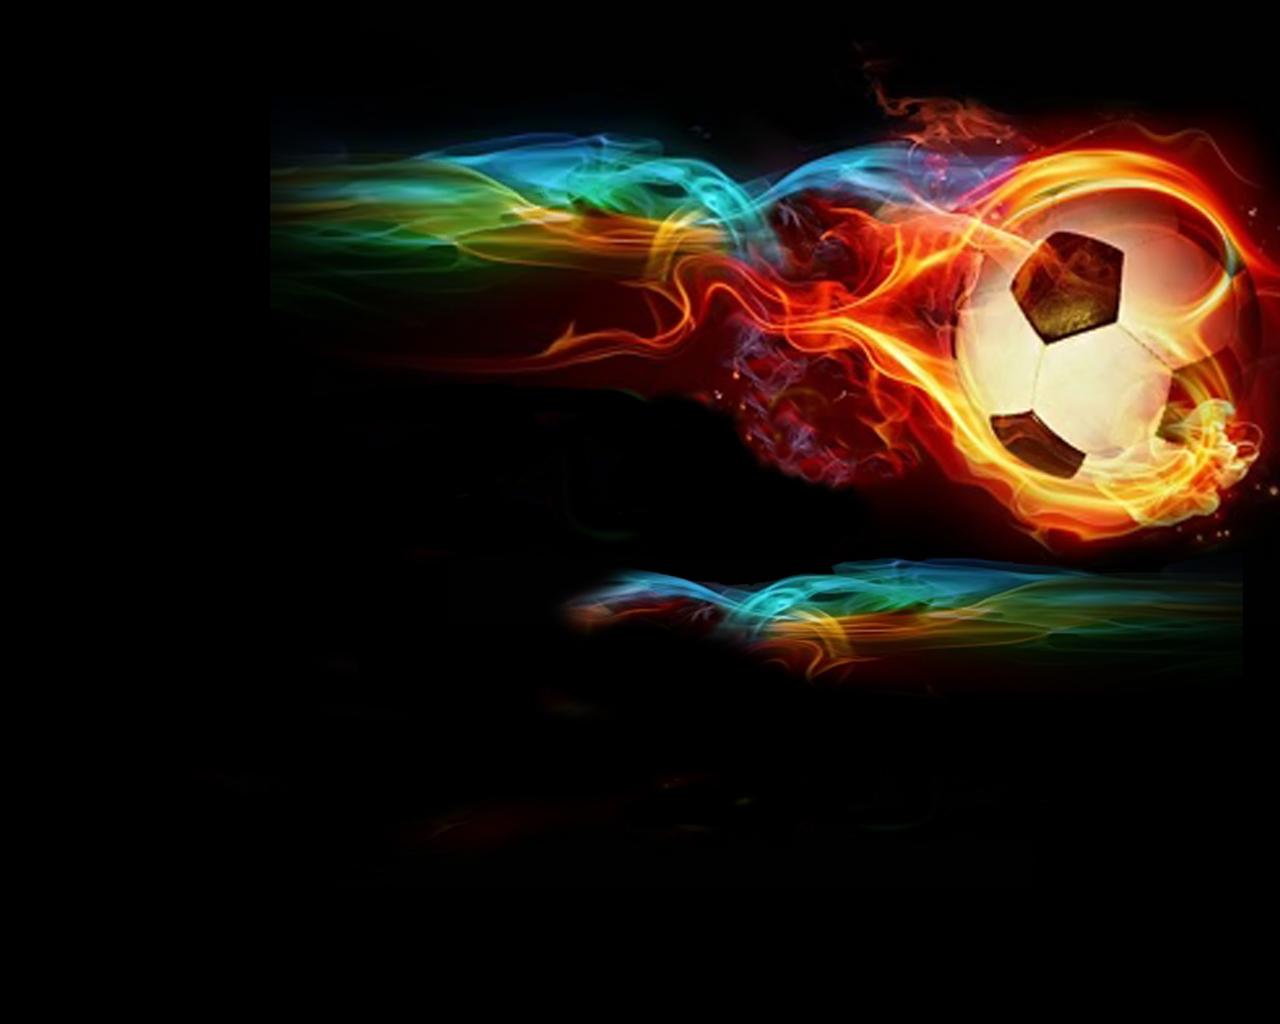 http://2.bp.blogspot.com/_fd75-k9kBtY/TCo1bBV9SwI/AAAAAAAAAPU/8gbmNFvZBAo/s1600/soccer.jpg